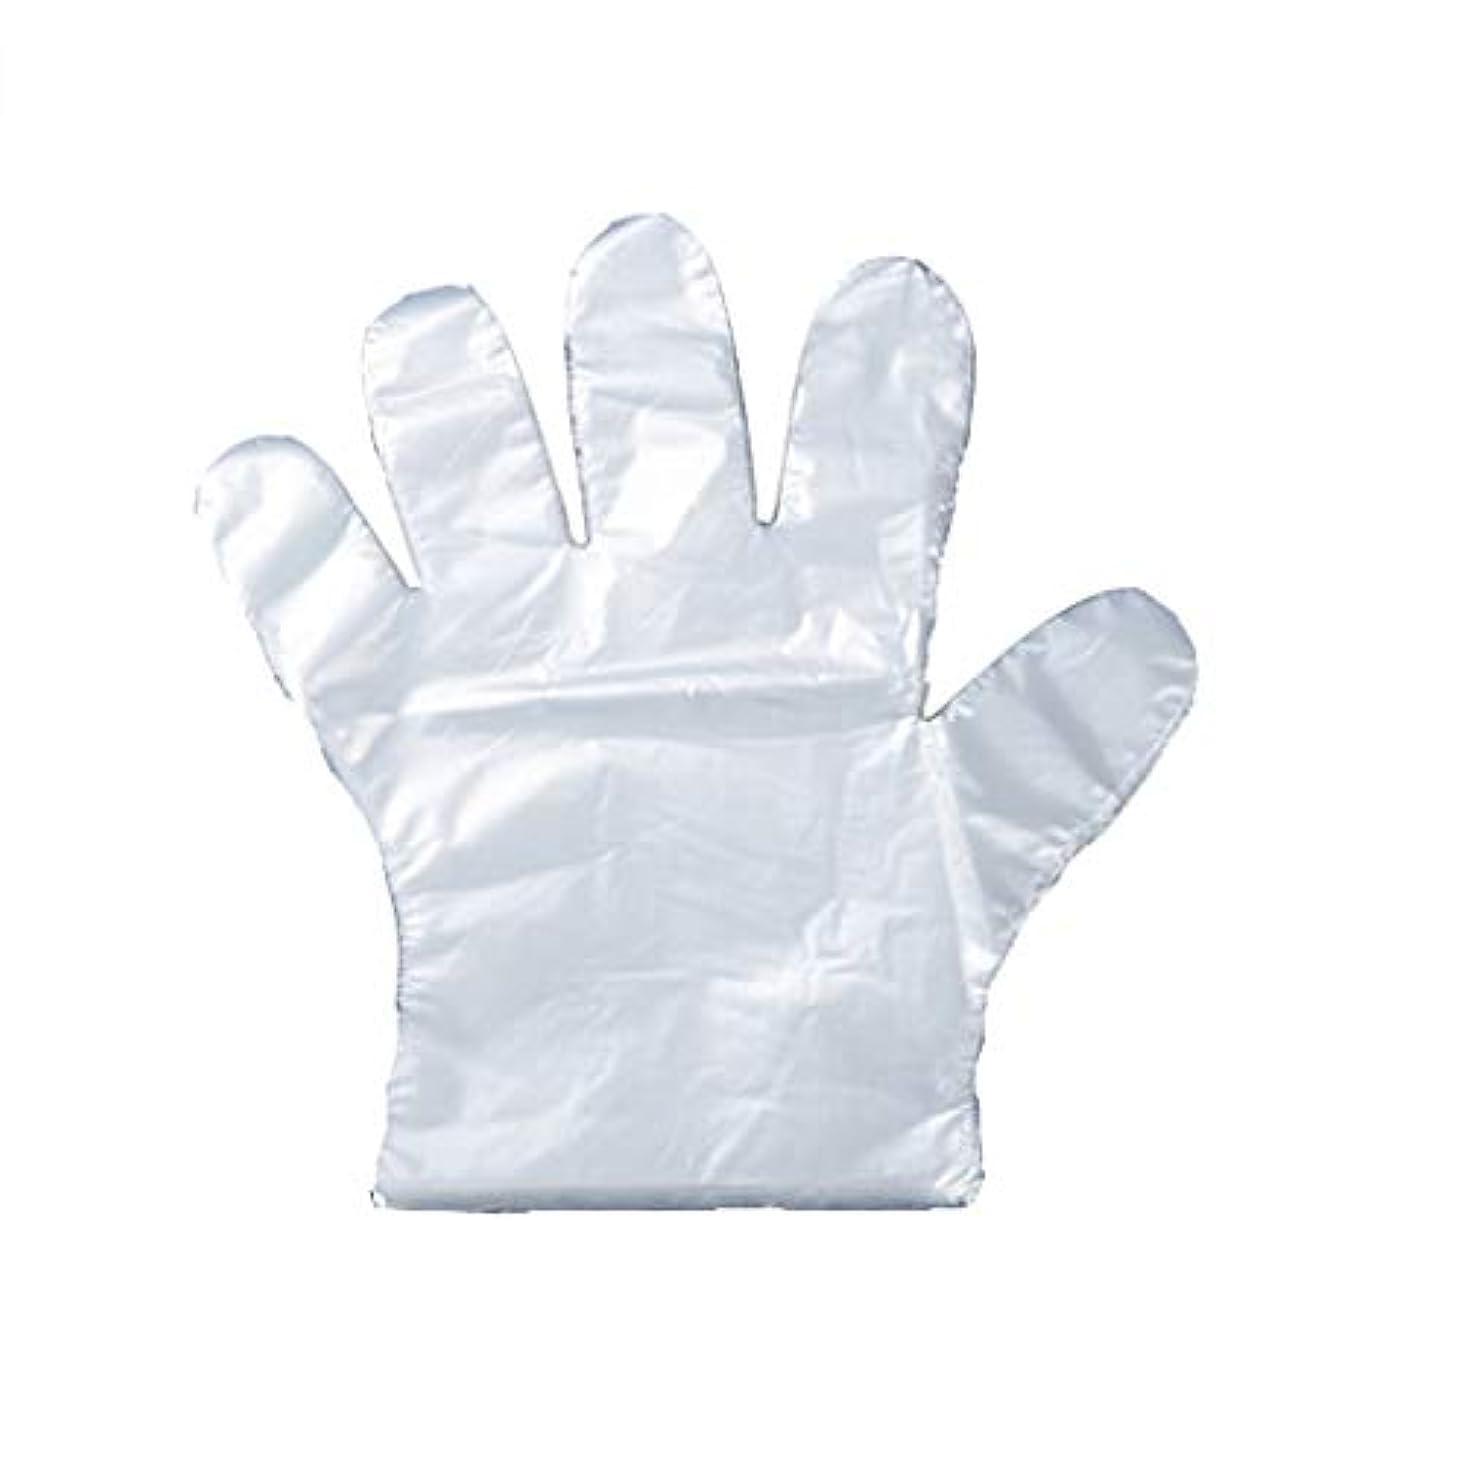 だますナチュラル友だち手袋、使い捨て手袋、食堂、髪および肥厚手袋PVC手袋は、1000倍になった。